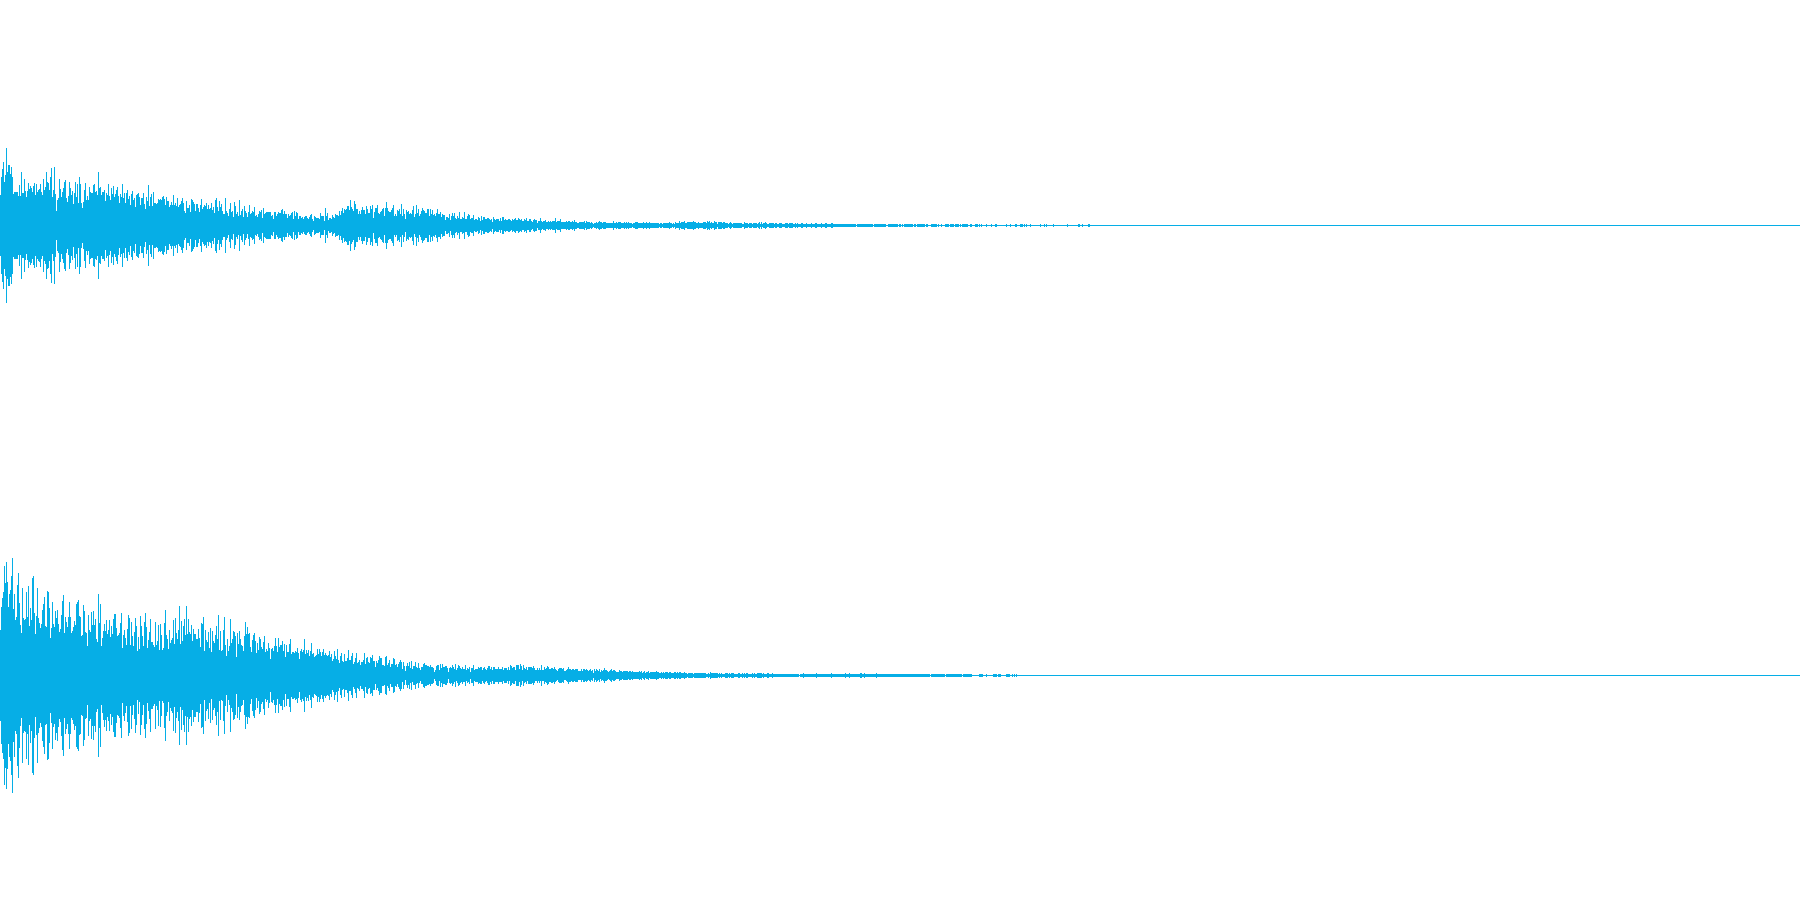 ピアノ明るいオシャレコードの再生済みの波形